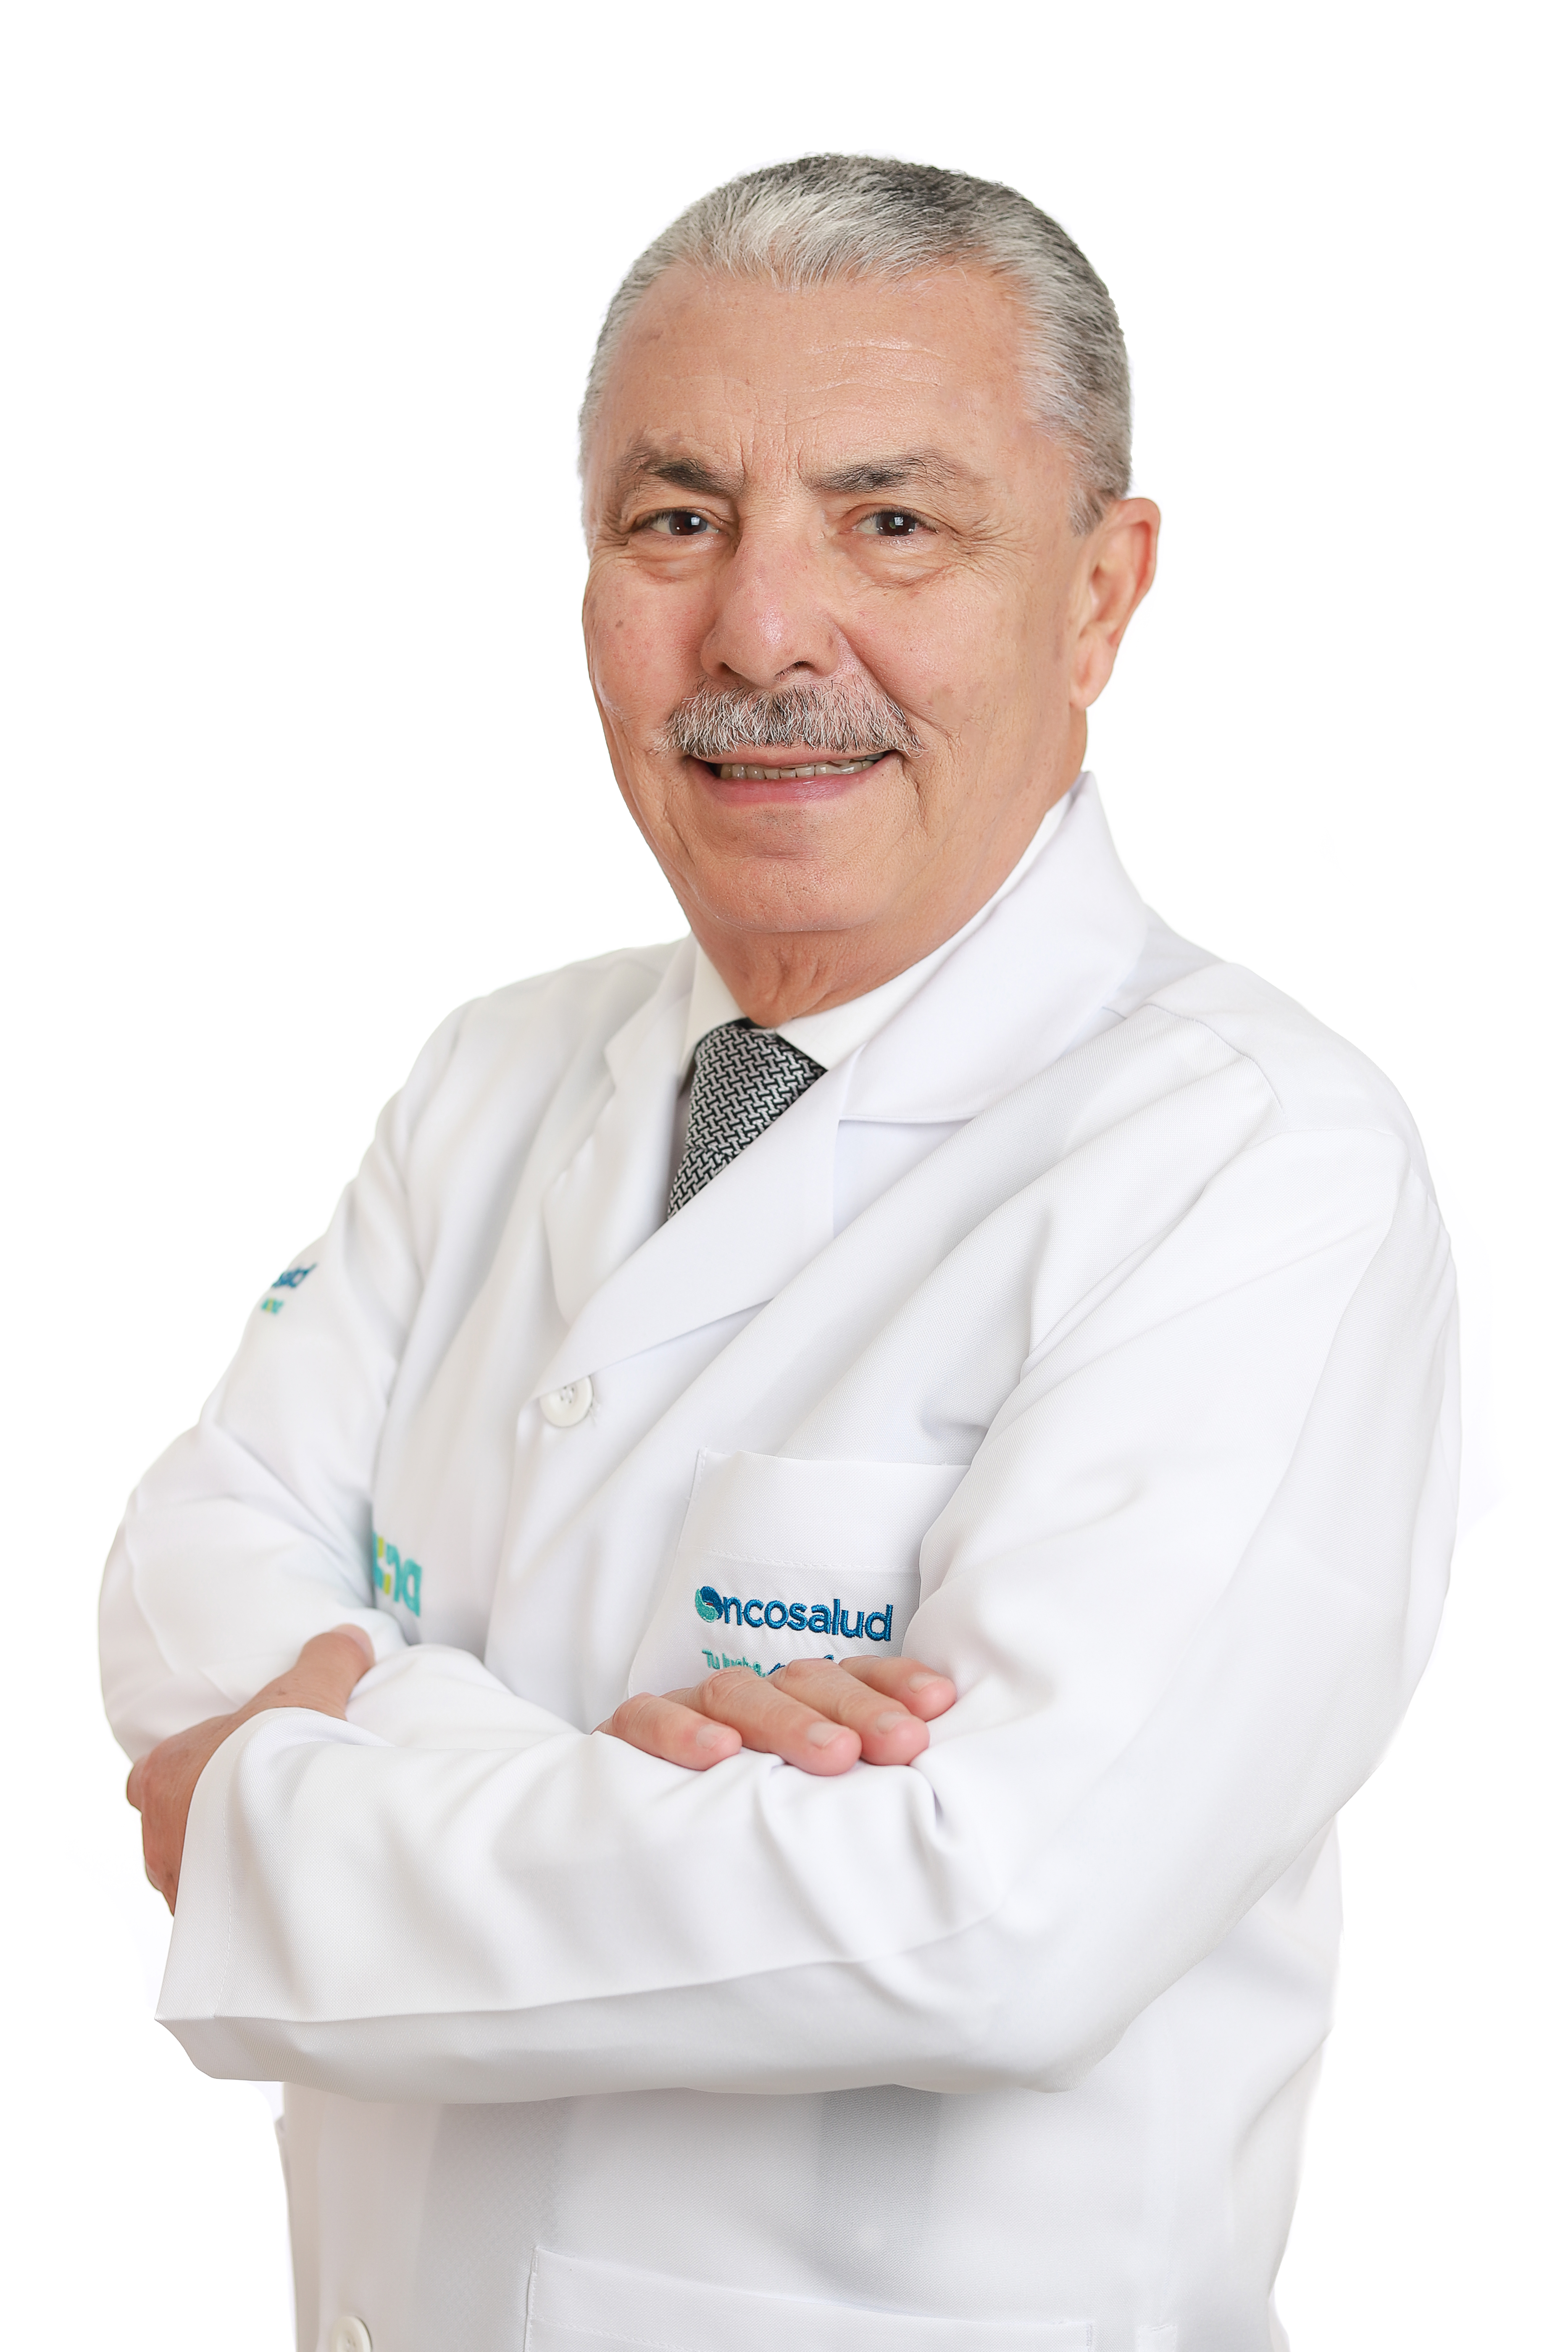 Dr. Carlos Vallejos Sologuren